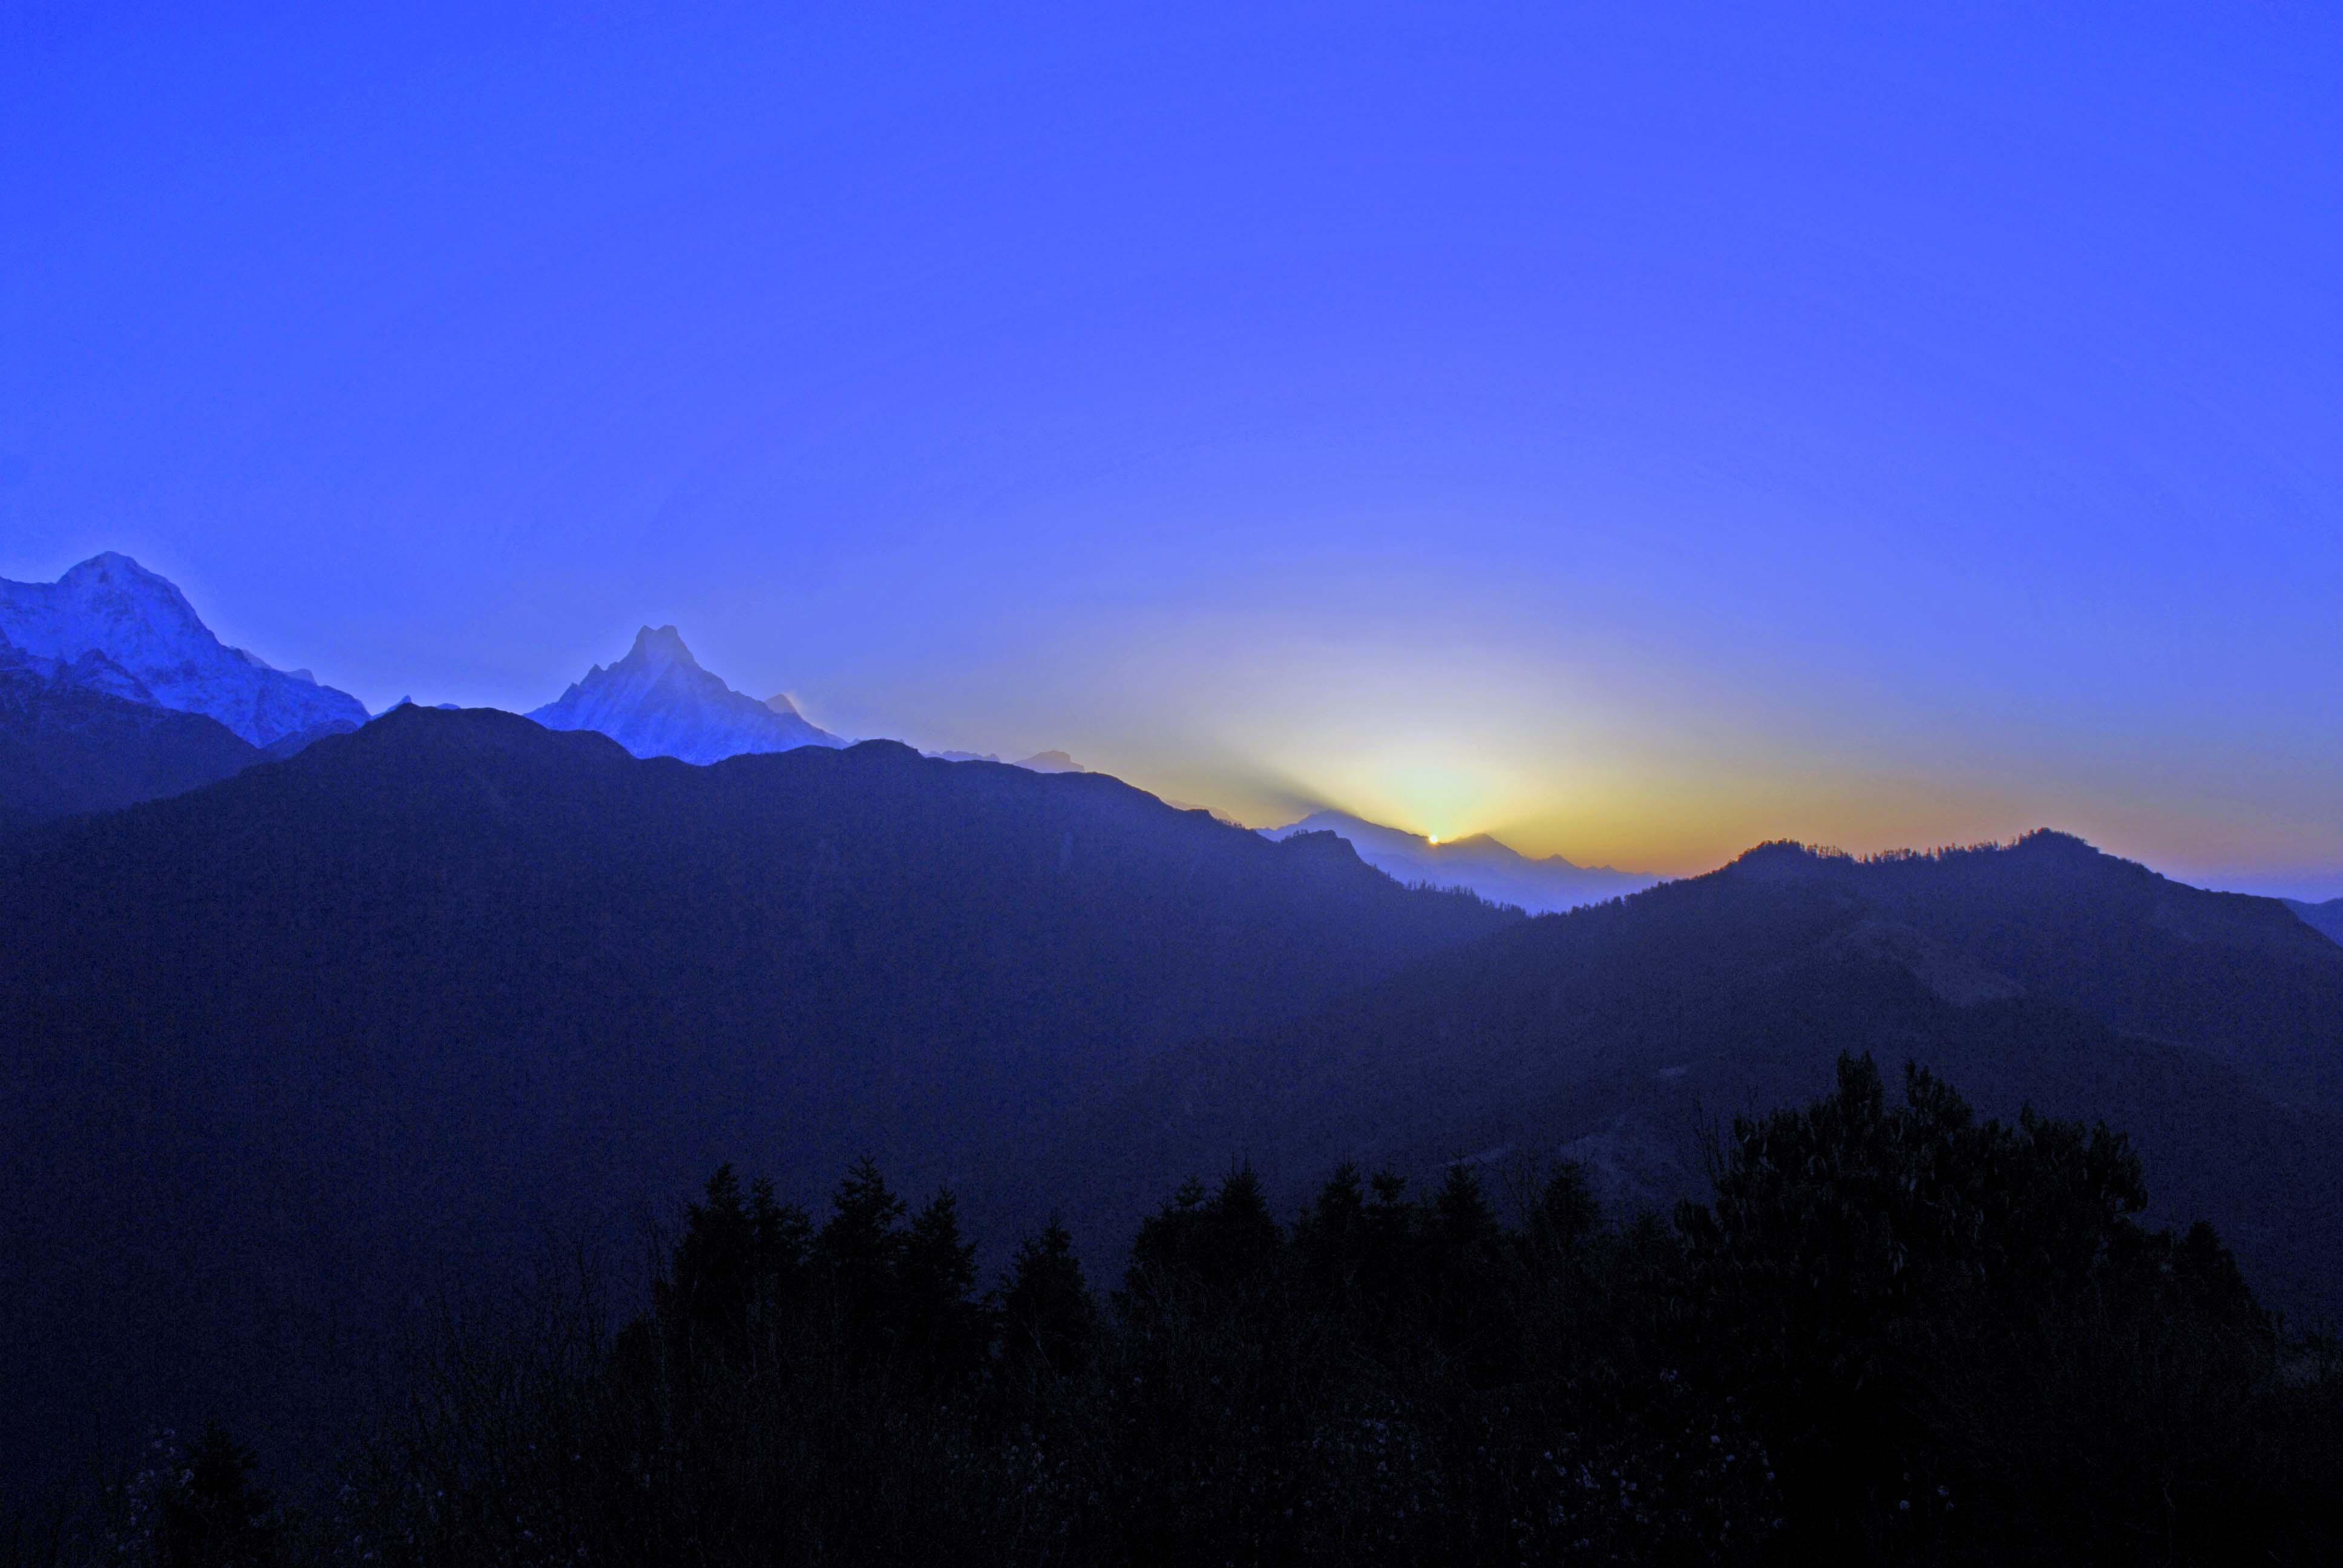 2008年3月22日6時22分プーンヒル頂上で撮影